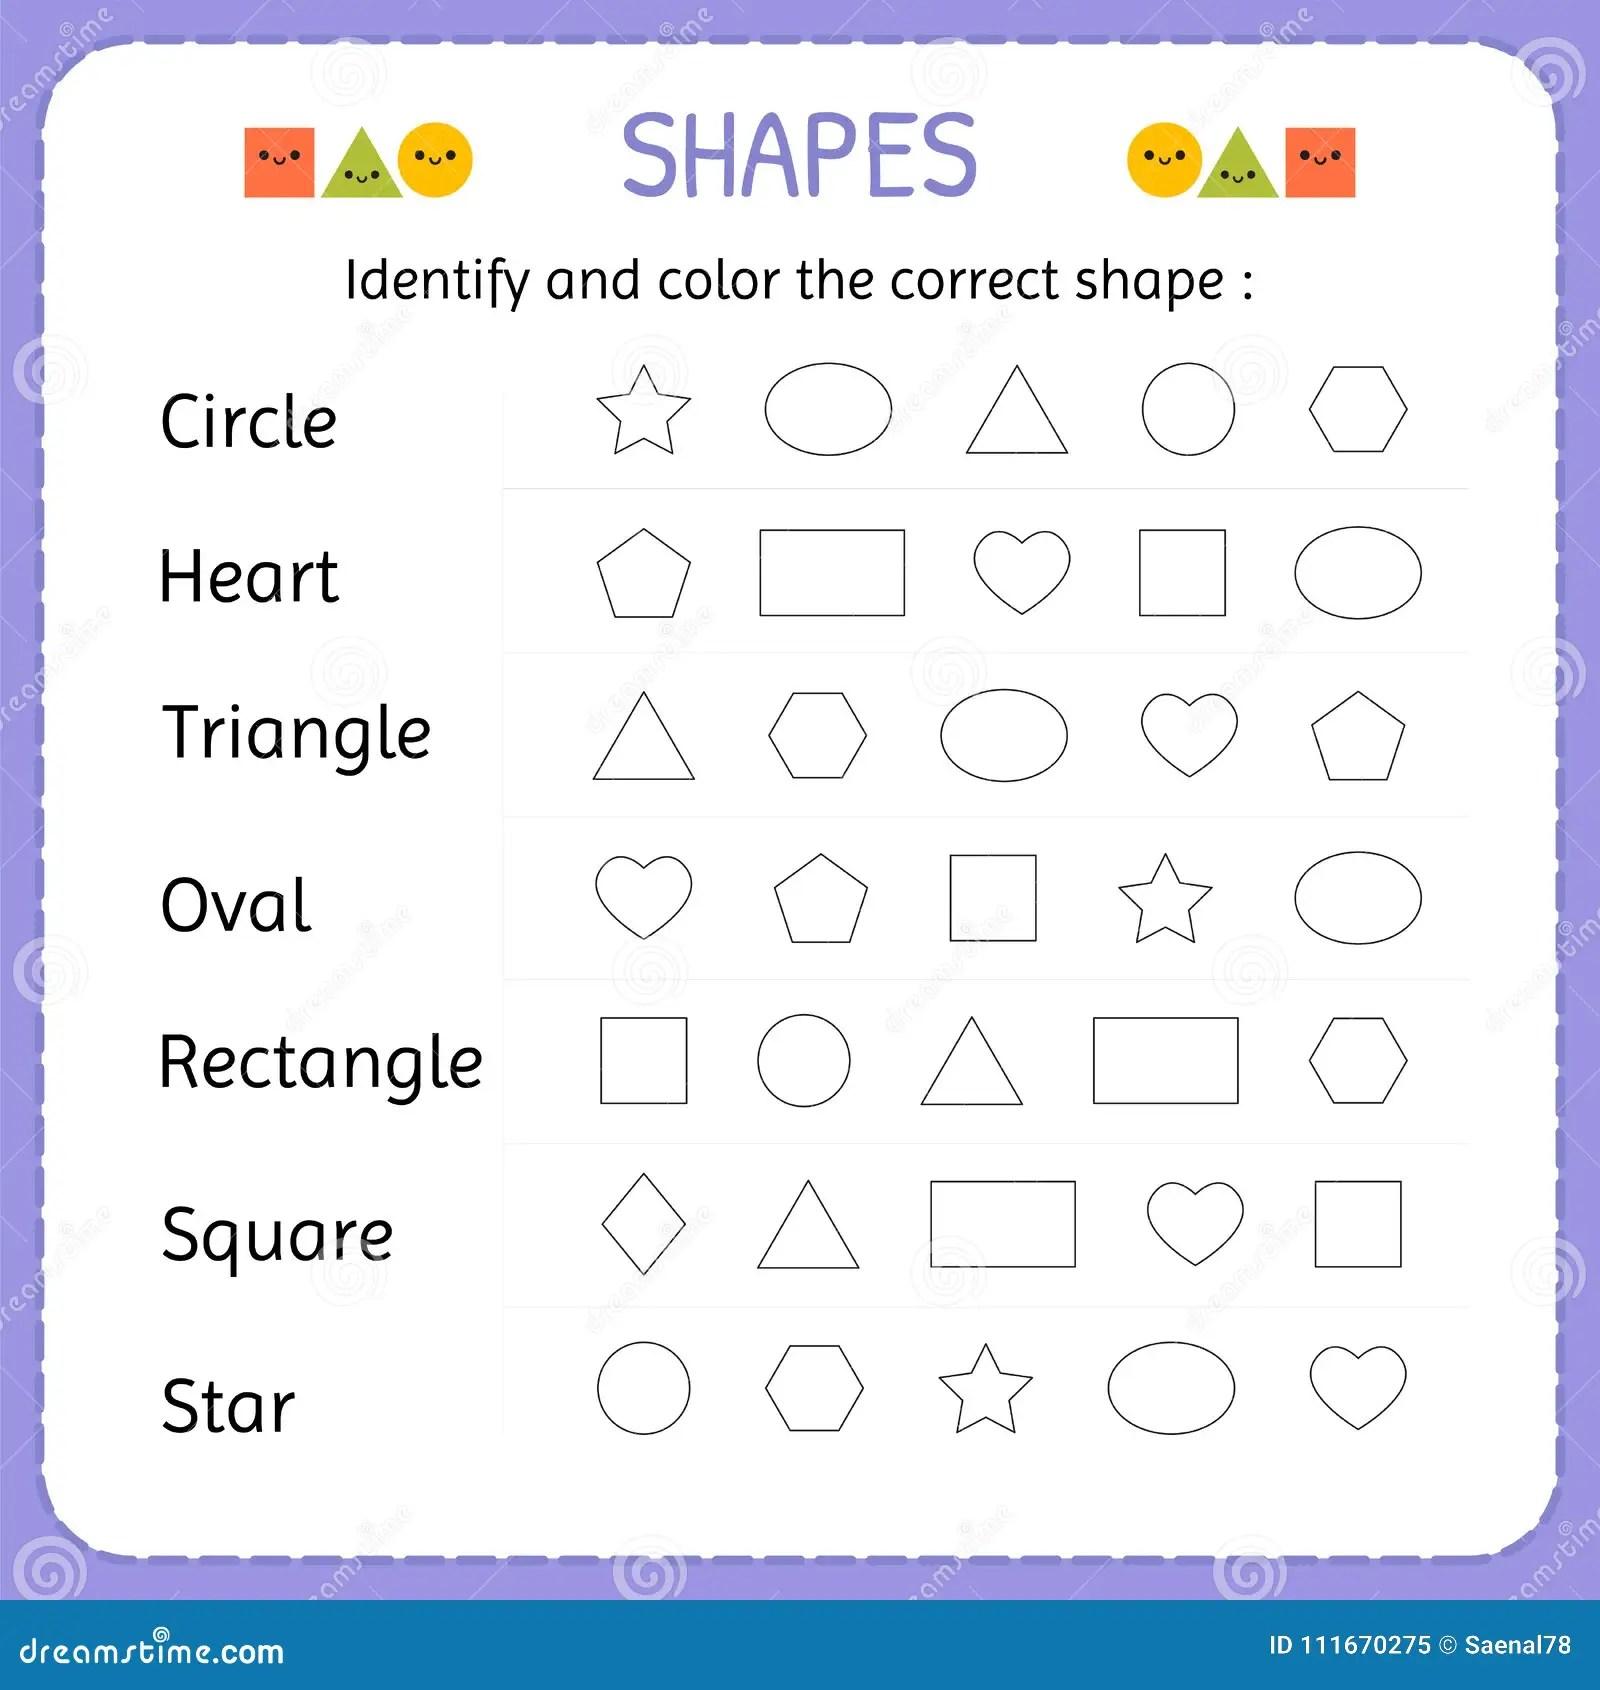 Identifique Y Coloree La Forma Correcta Aprenda Las Formas